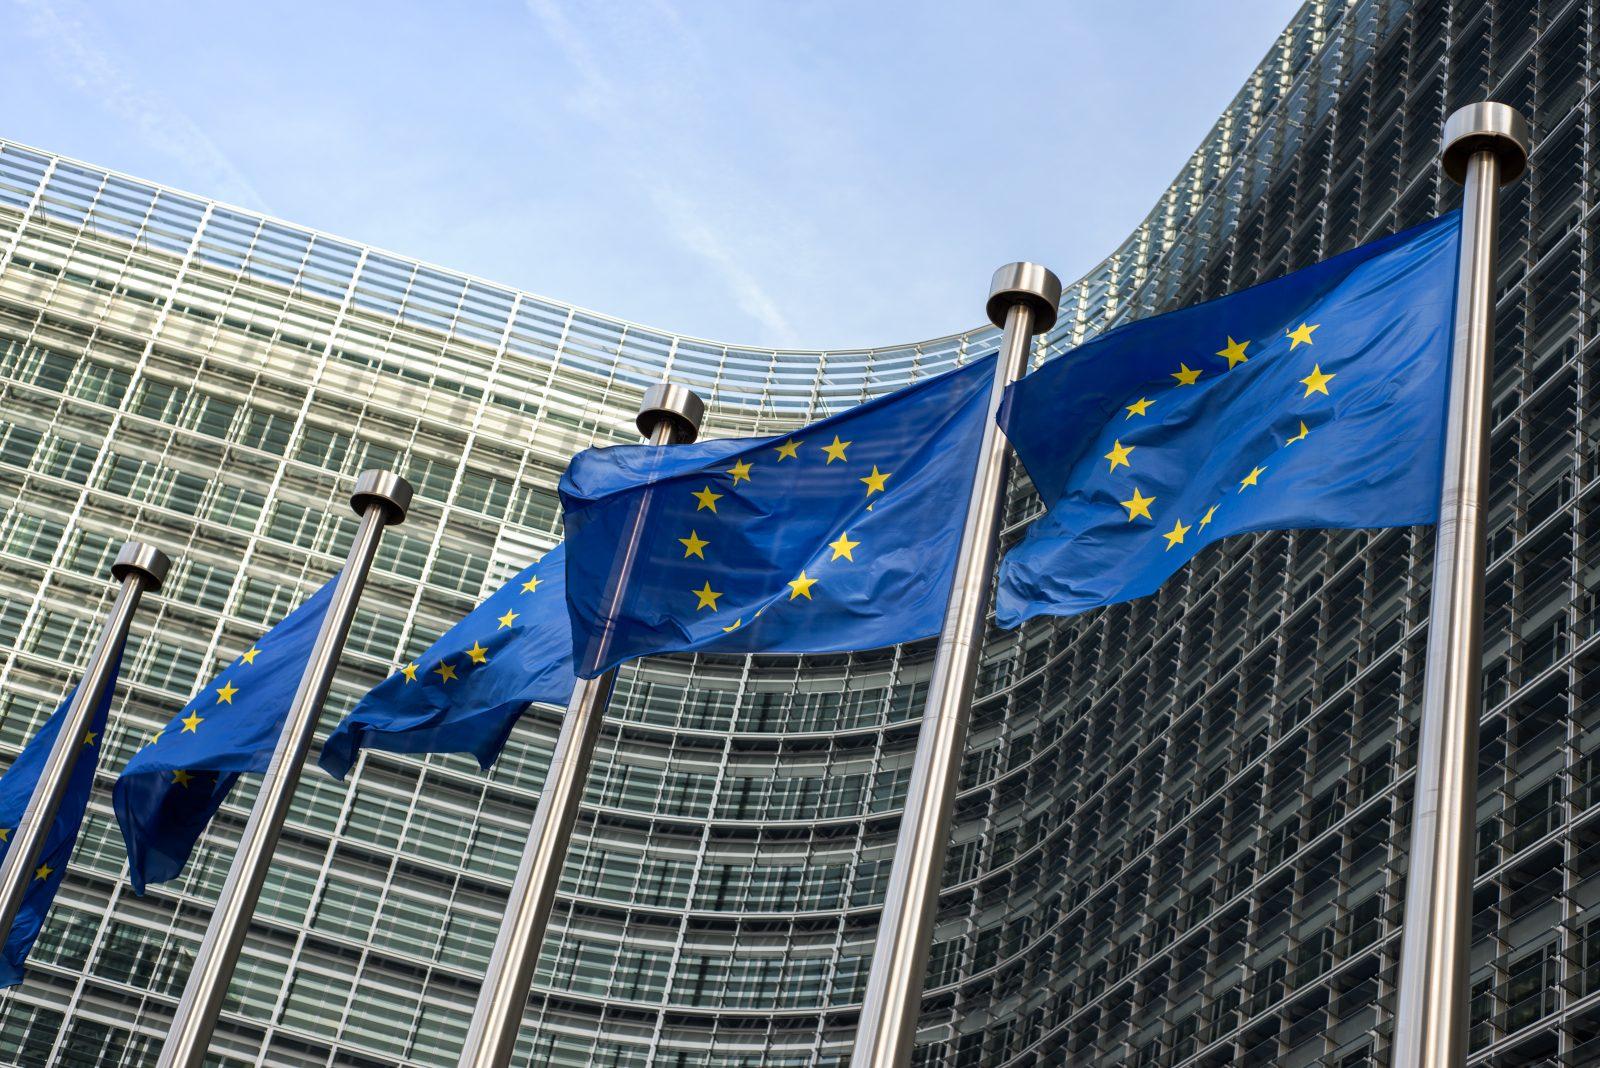 Получаем шенгенскую визу впервые! Что нужно знать?